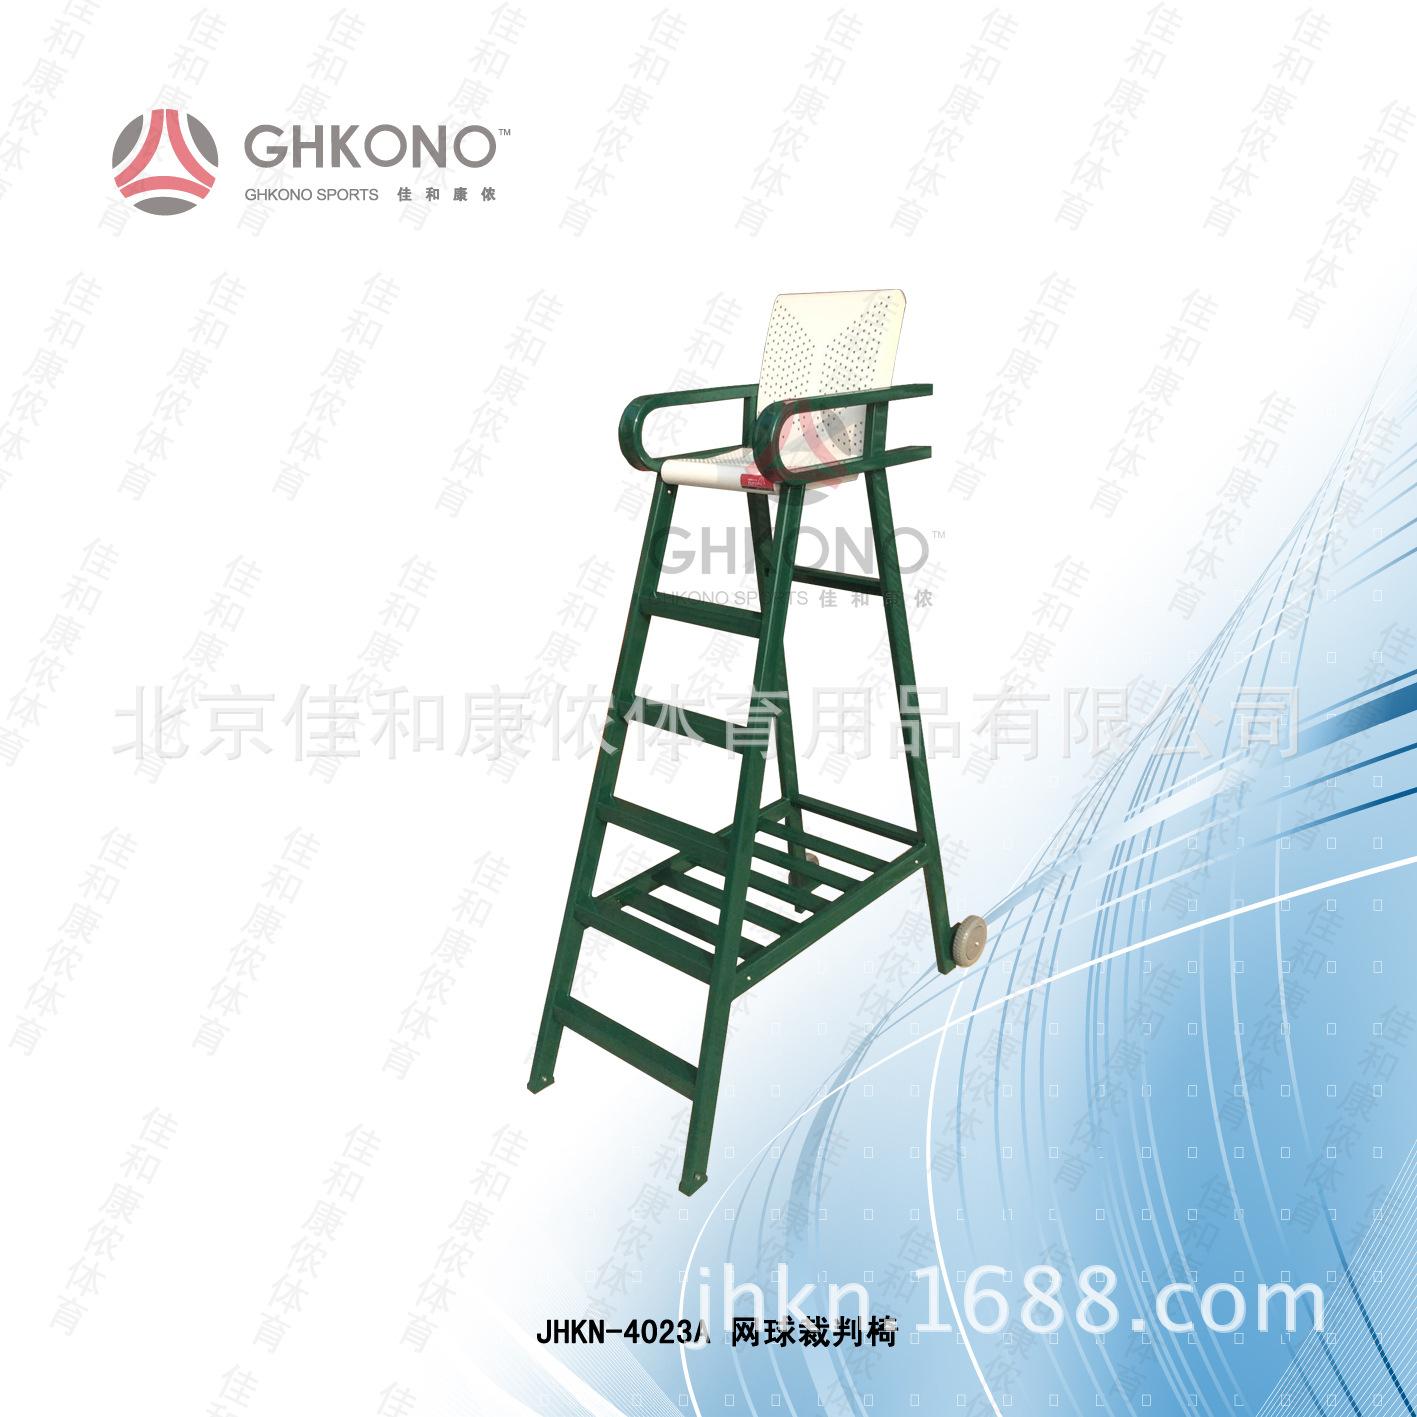 厂家供应JHKN-4023A全铝合金网球裁判椅 移动轮式裁判椅 球类裁判